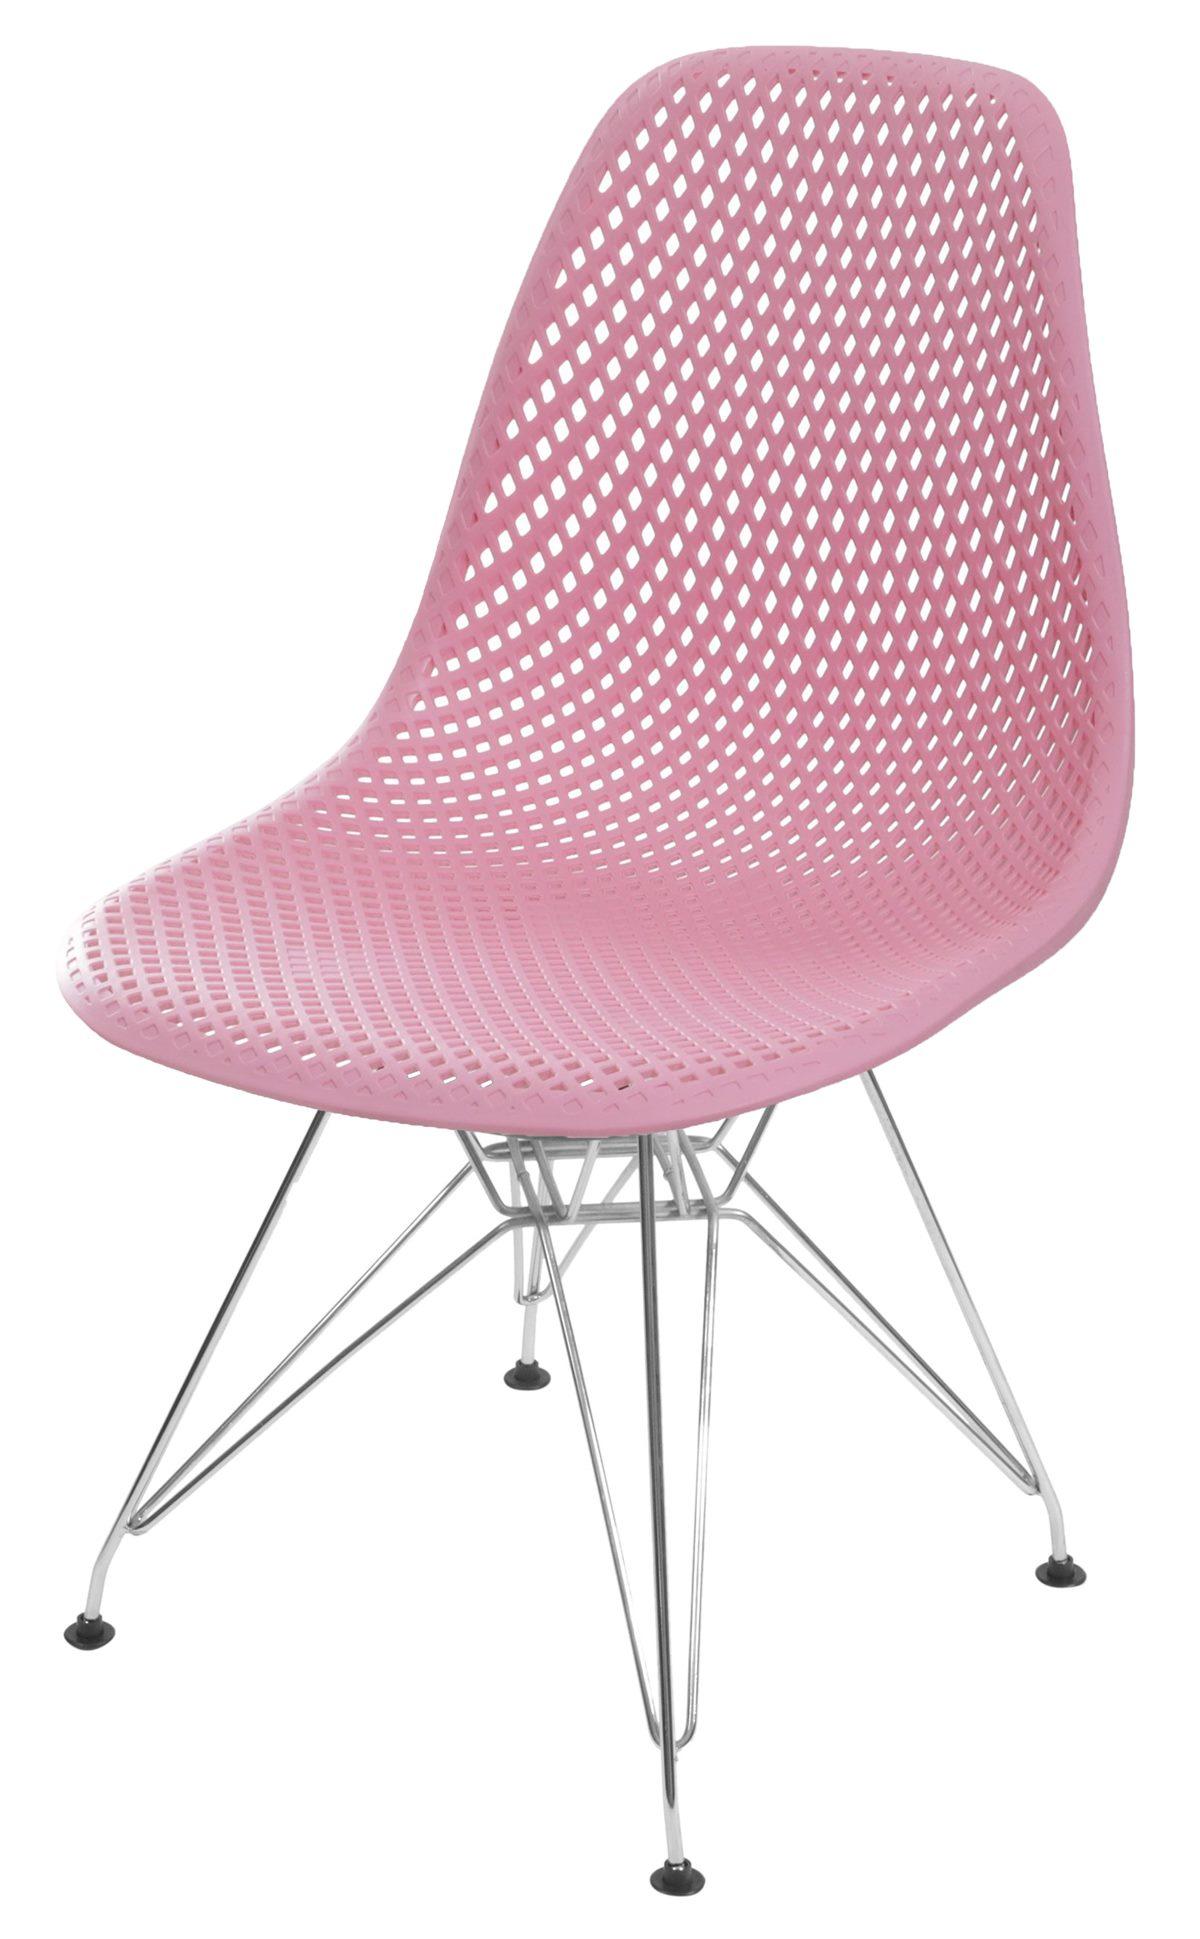 Cadeira Eames Furadinha cor Rosa com Base Cromada - 55990